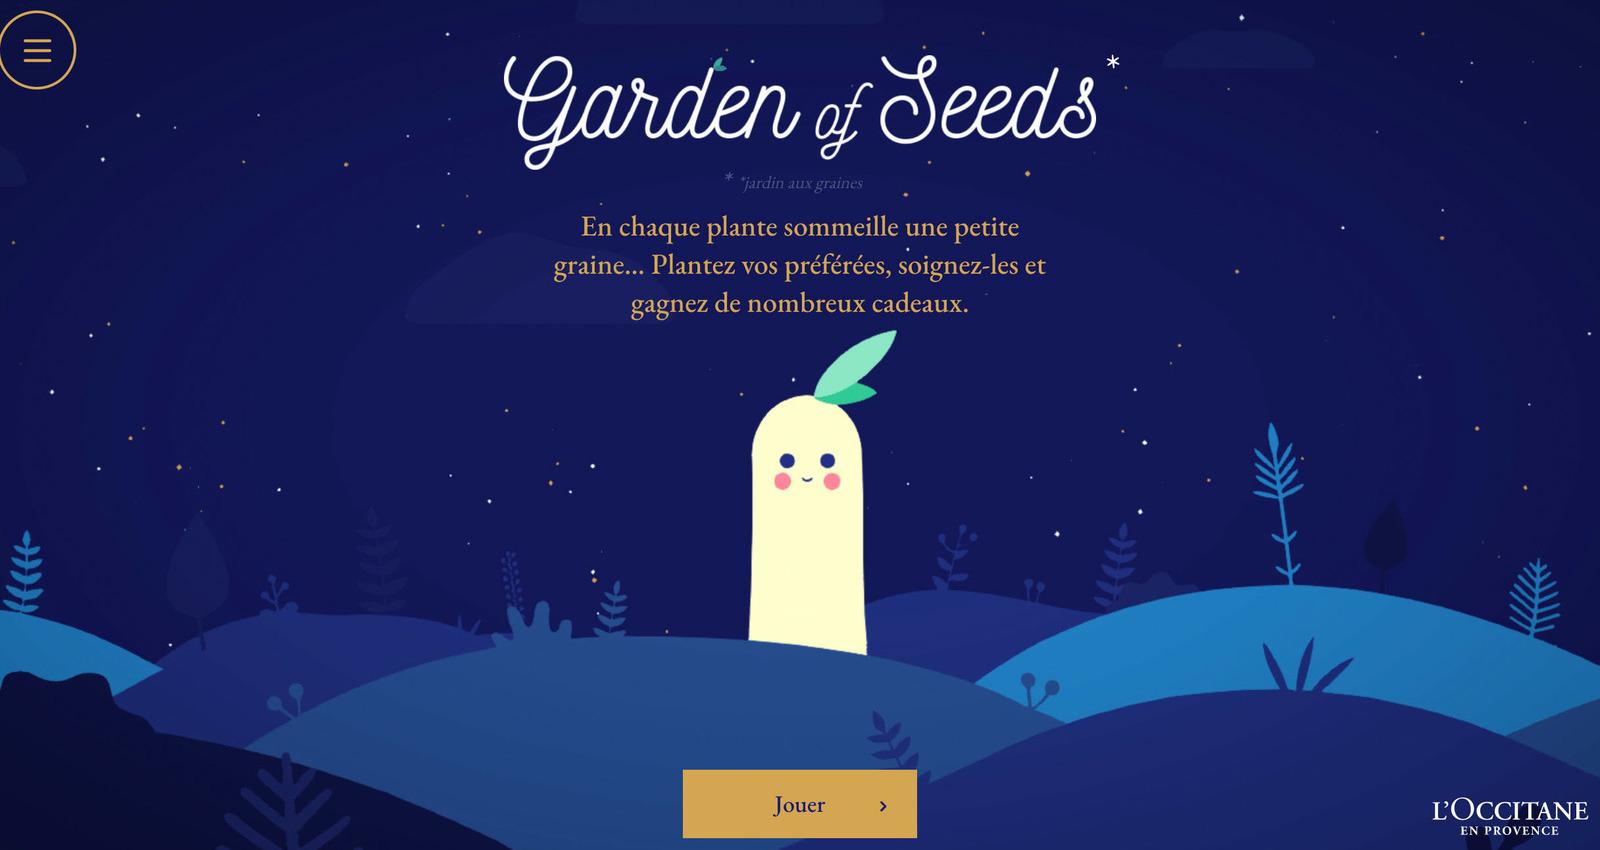 Seeds of dreams